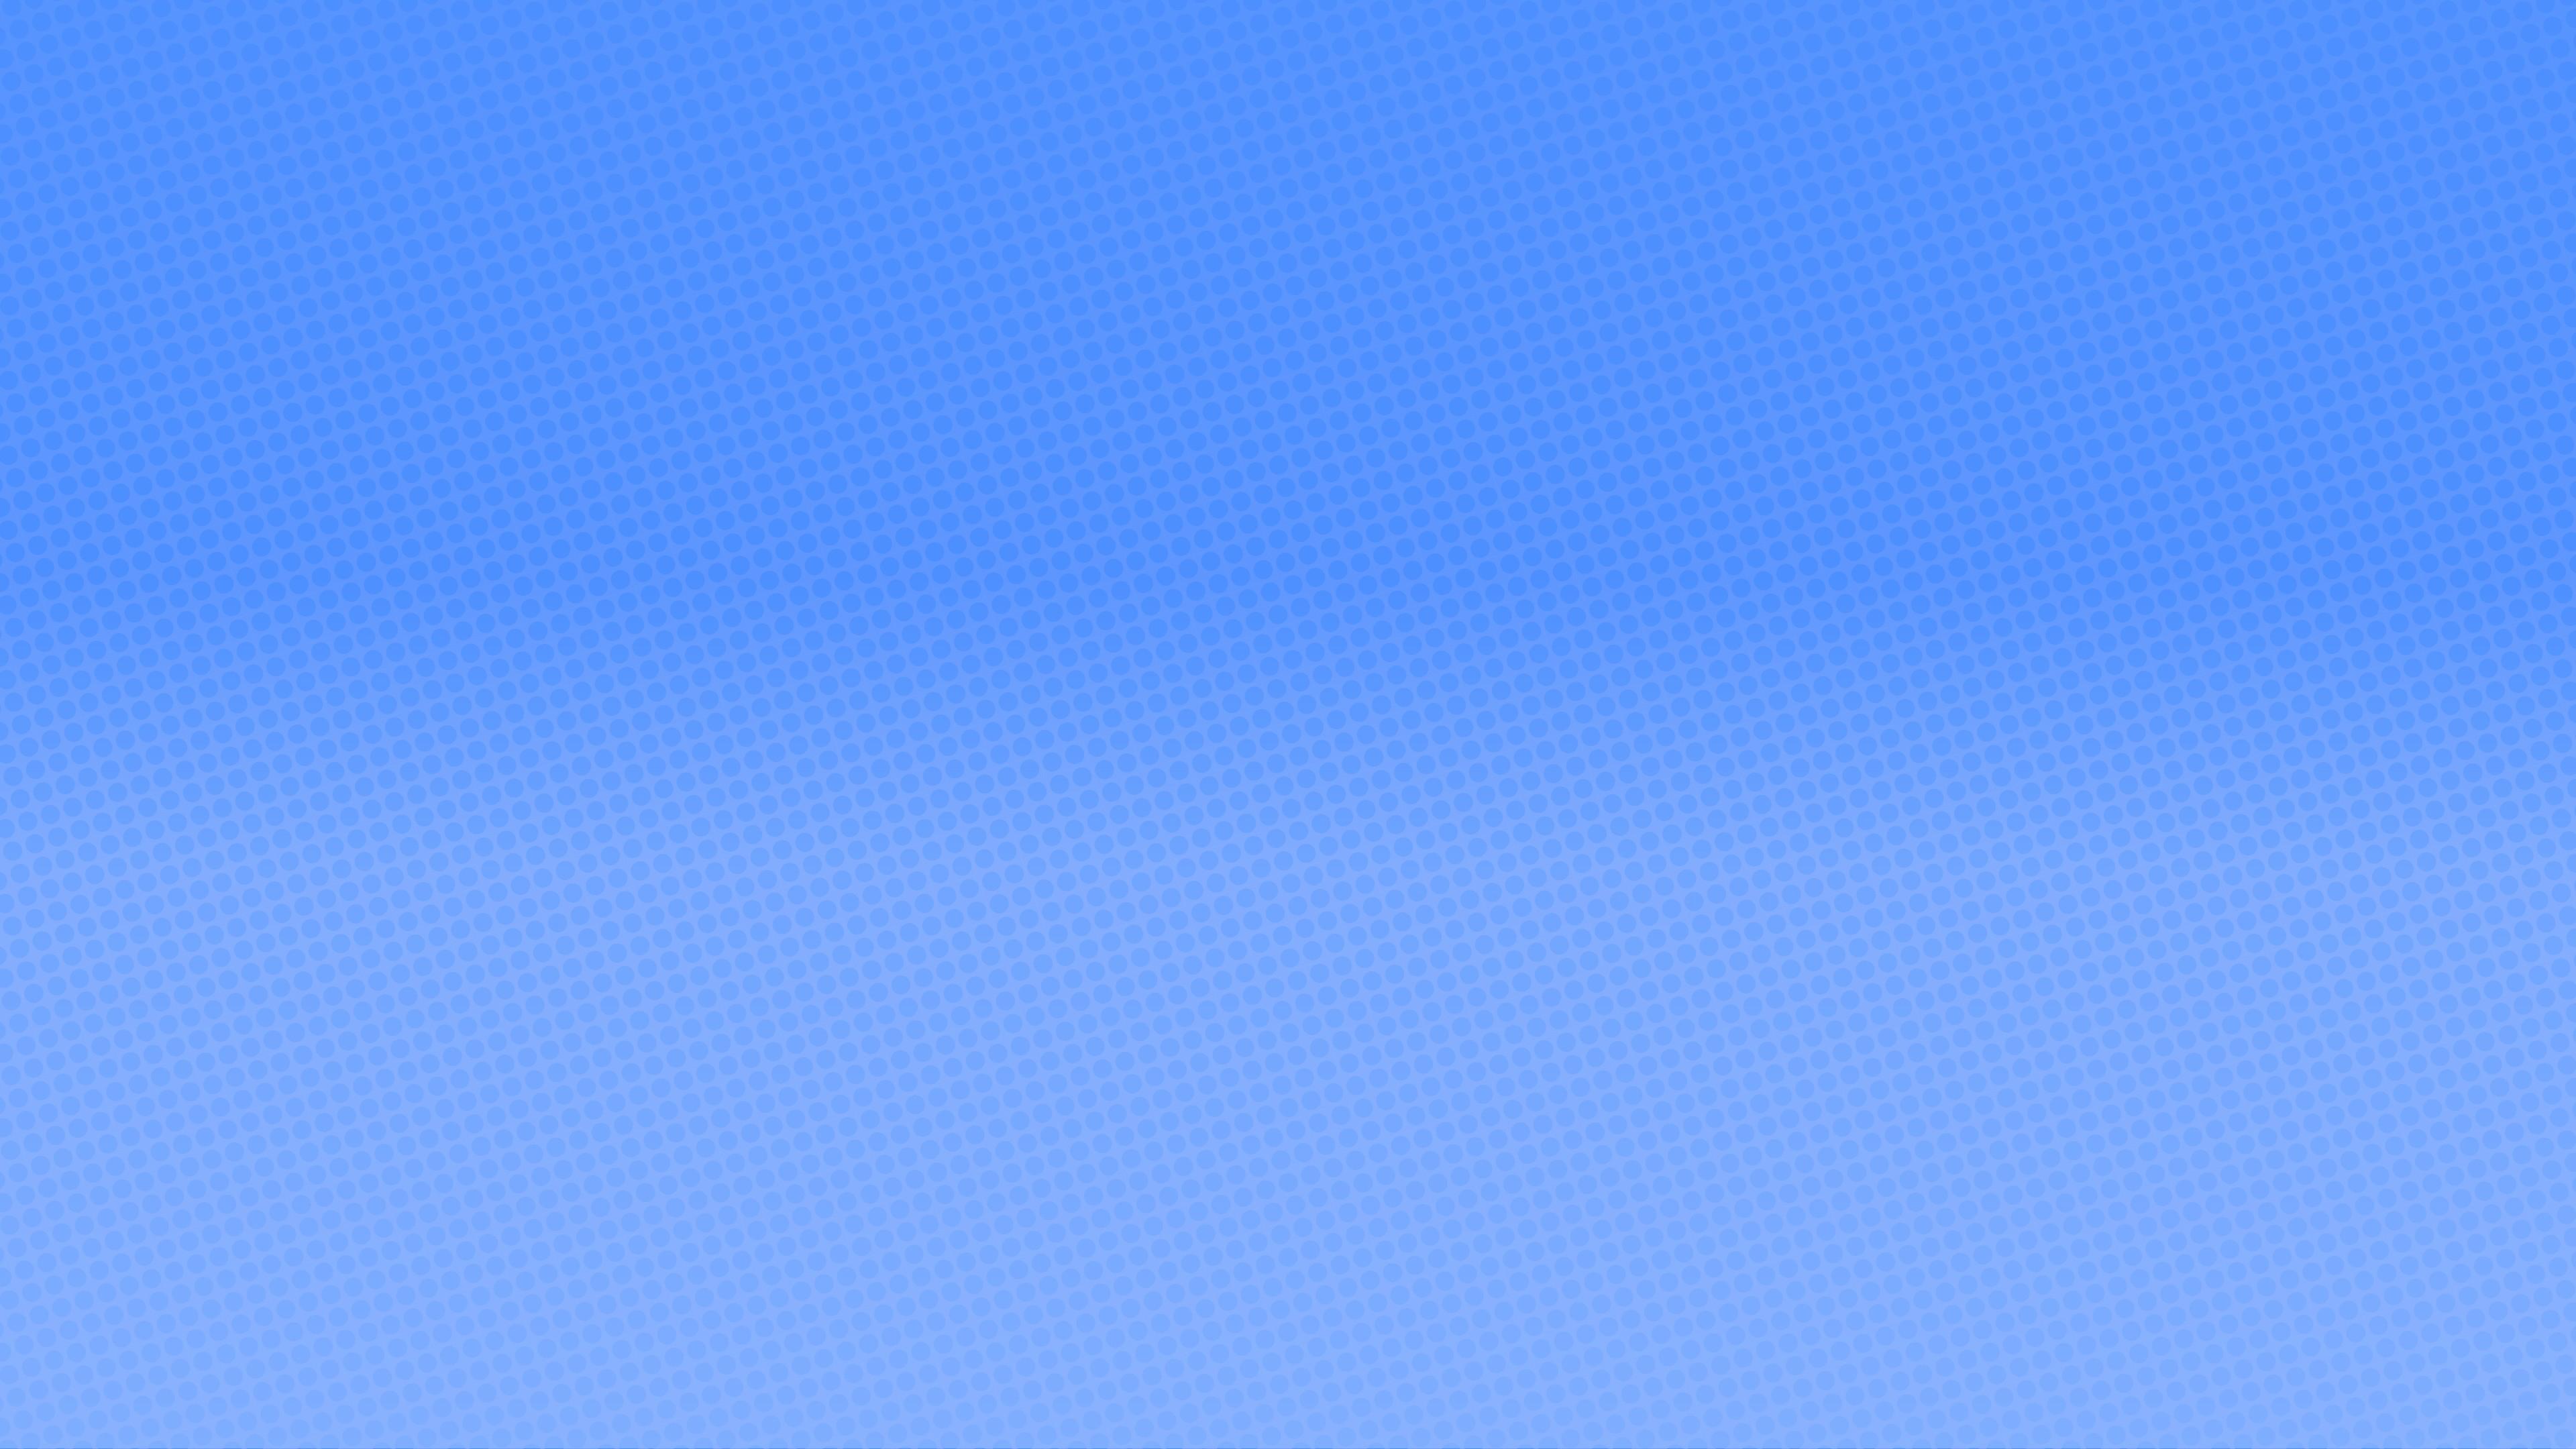 Pattern Wallpaper Hd วอลเปเปอร์ พื้นหลังที่เรียบง่าย ท้องฟ้า สีน้ำเงิน วง